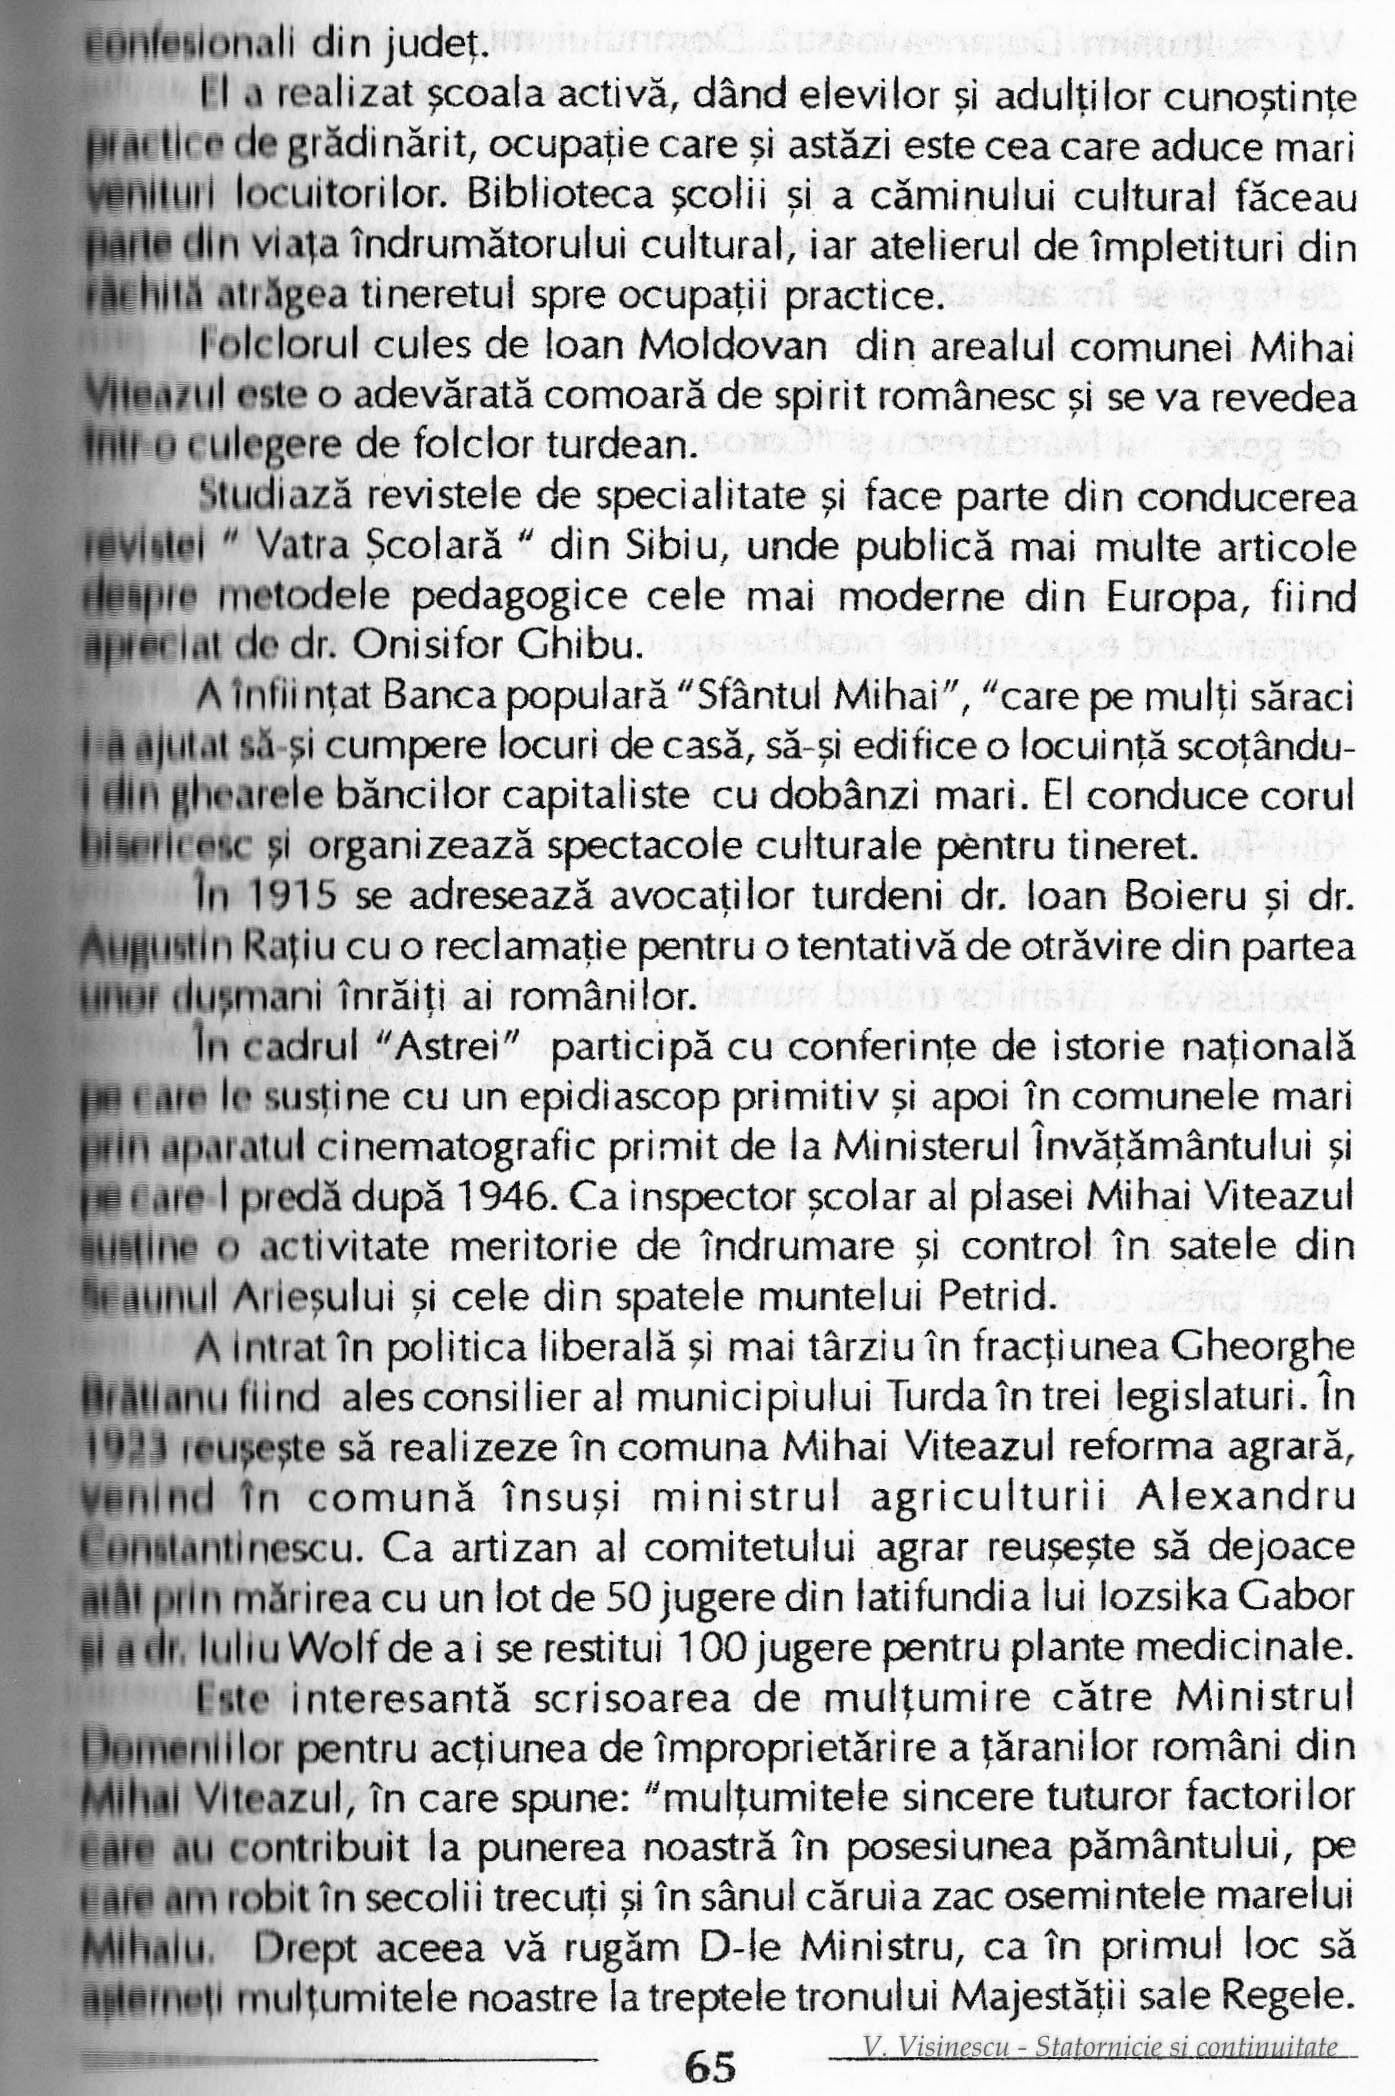 """Photo: 65 - Culegator de folclor. Scriitor. A infiintat banca populara """"Sfantul Mihail"""". Membru al """"Astrei"""". Consilier liberal al Municipiului Turda in trei legislaturi"""